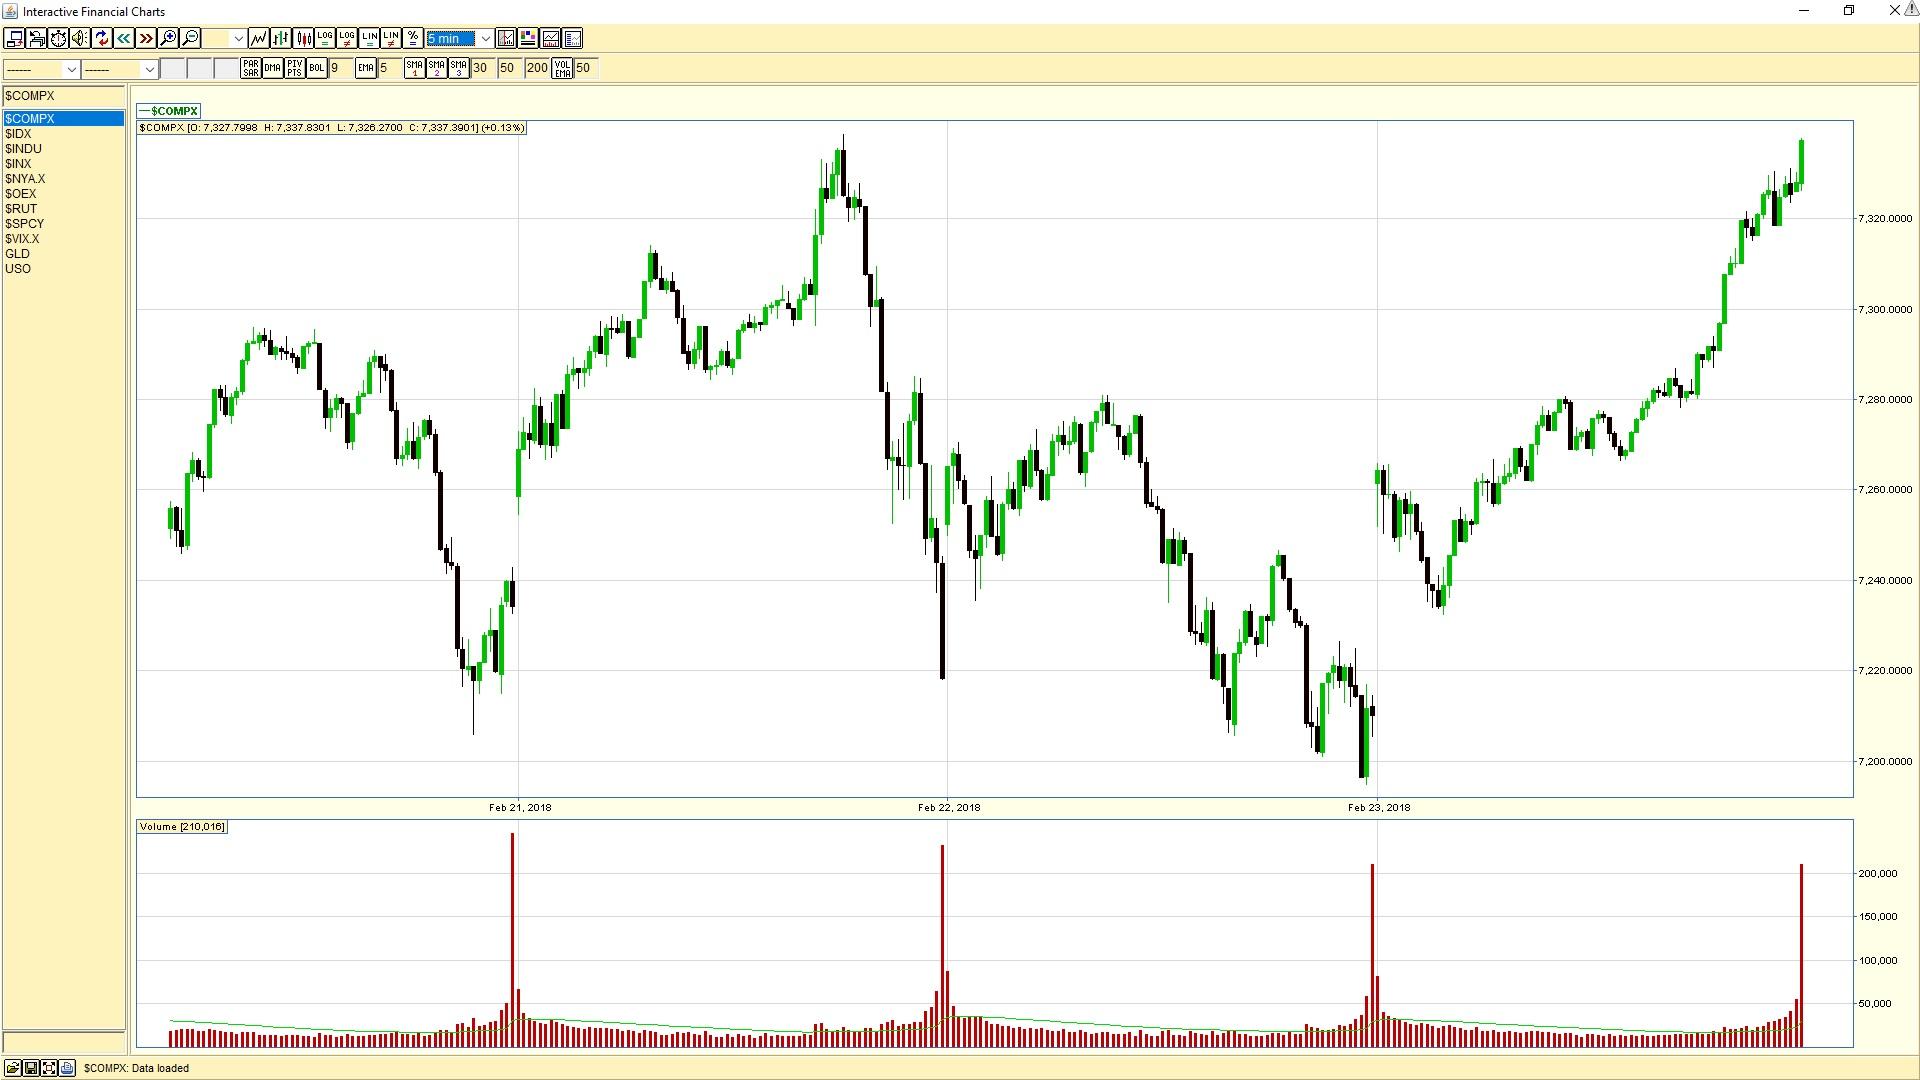 NASDAQ 5-min chart